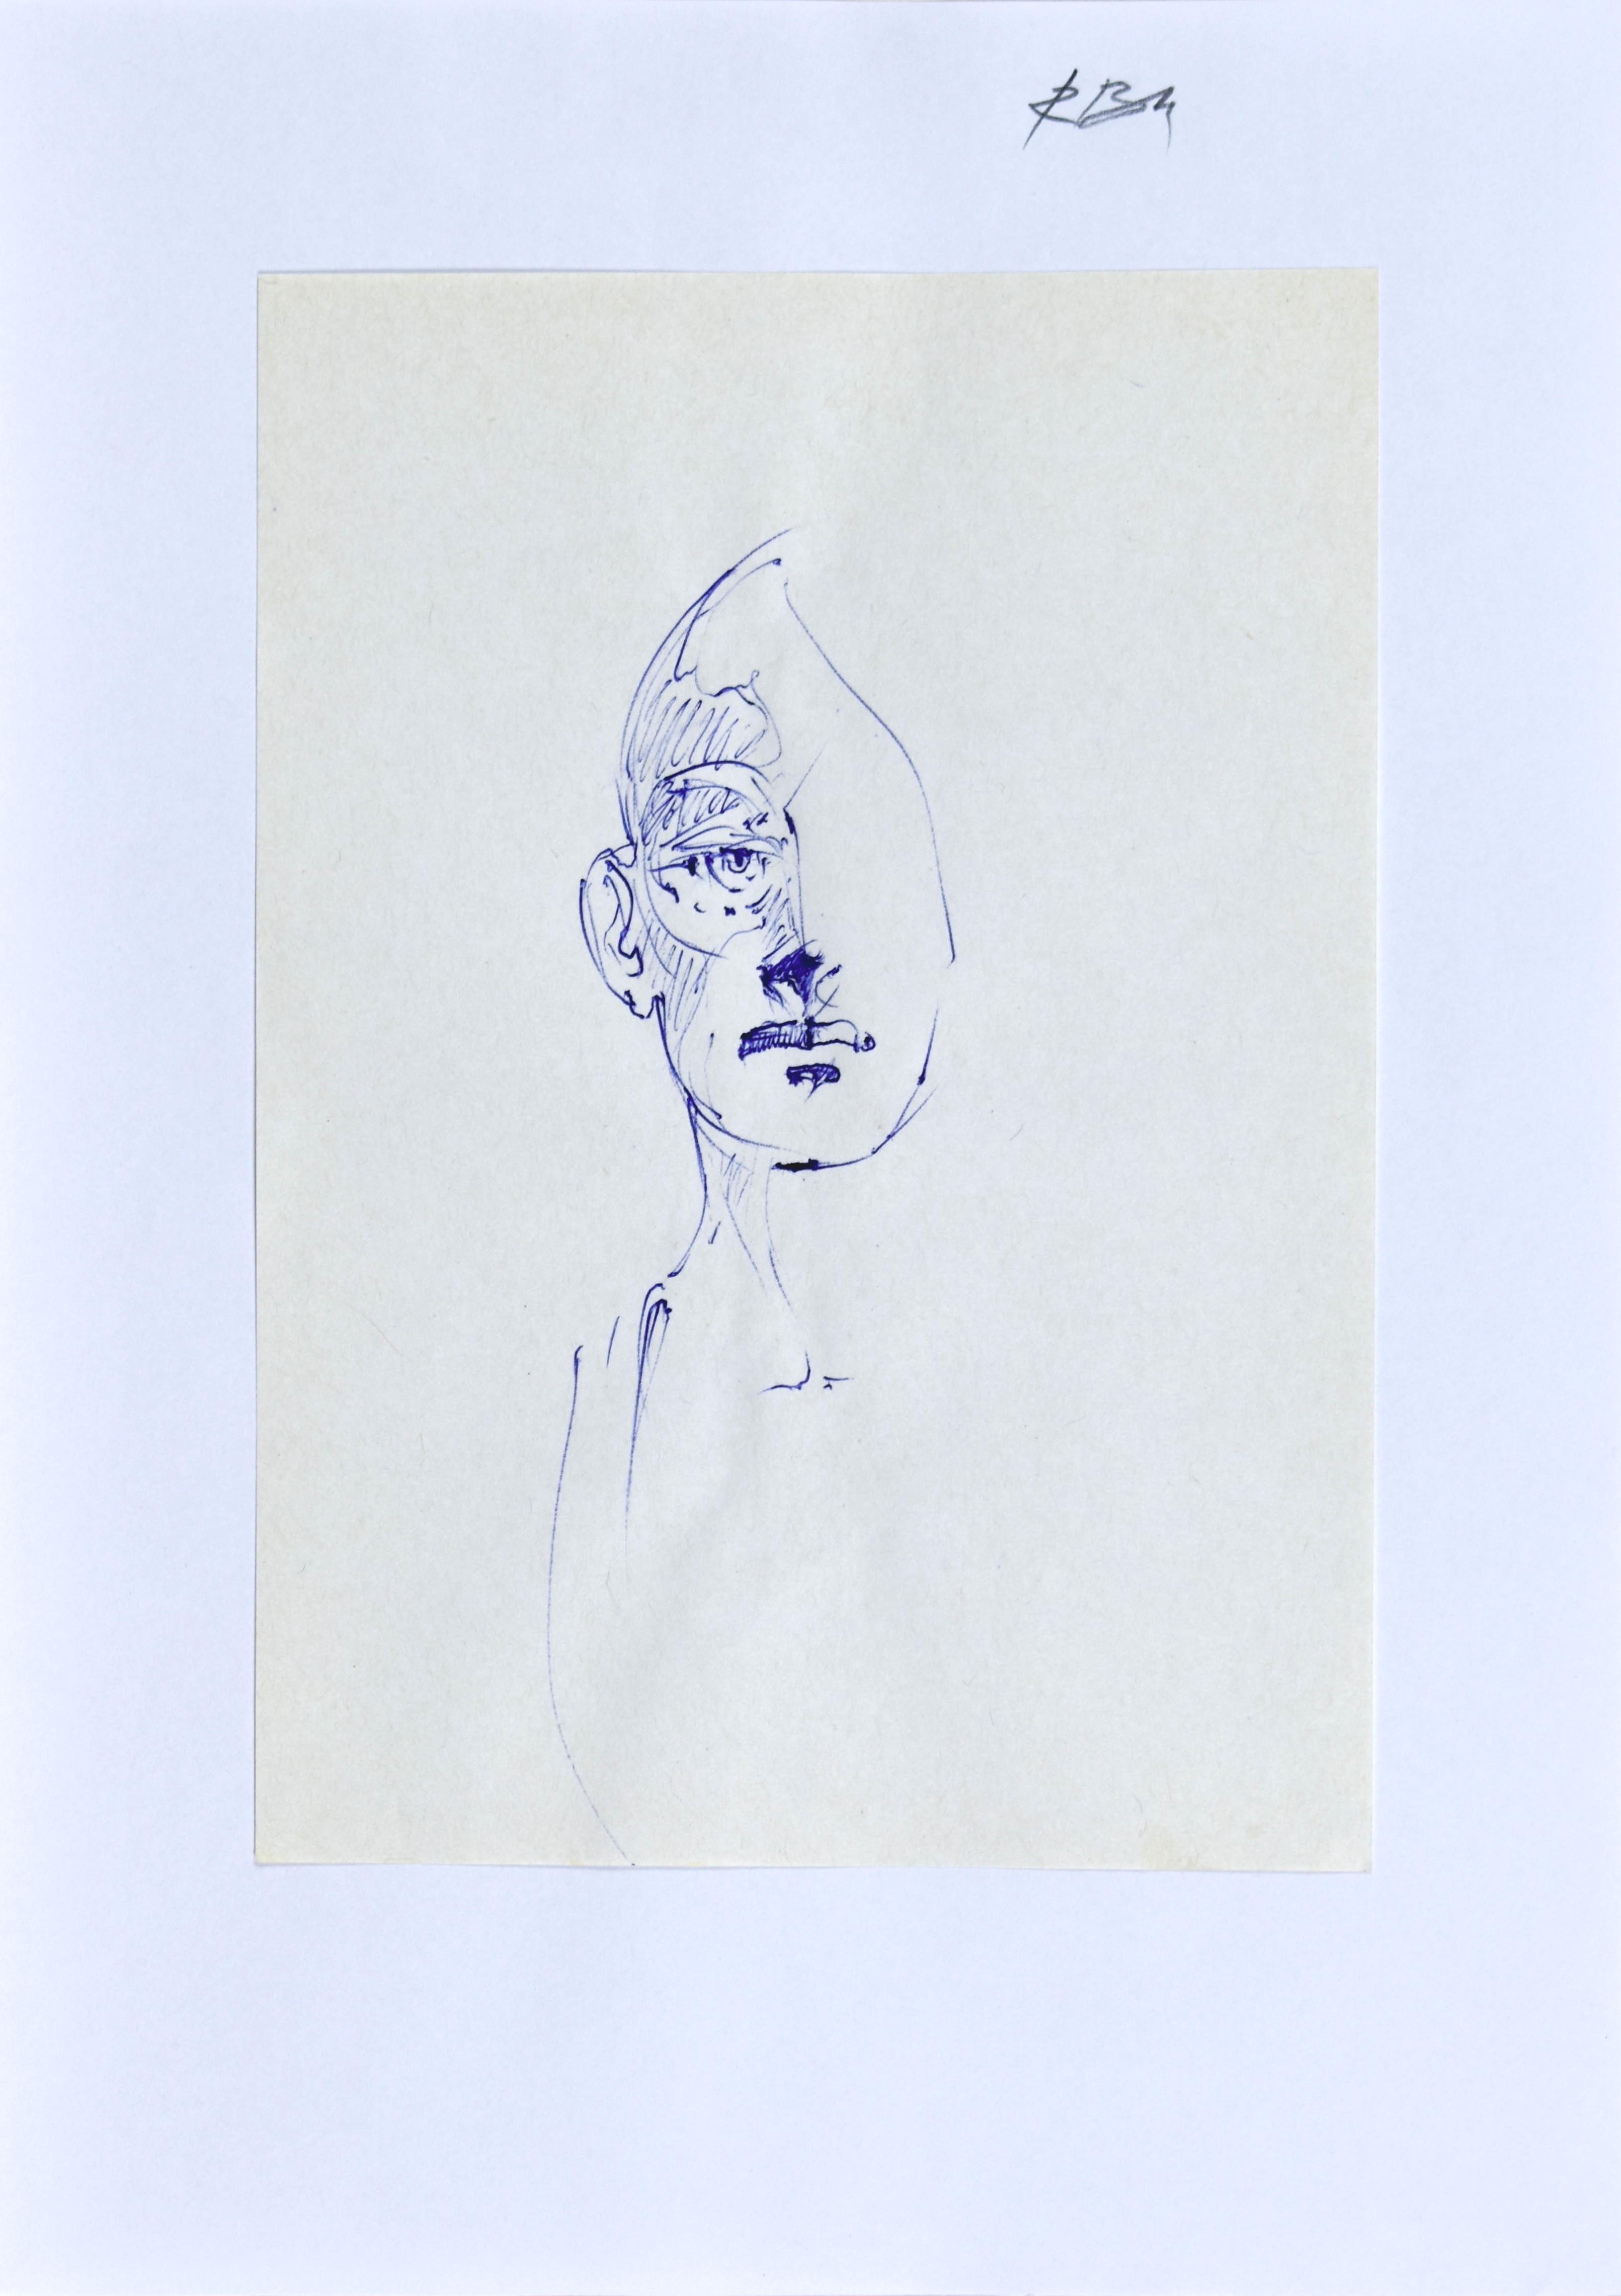 Szkic popiersia mężczyzny